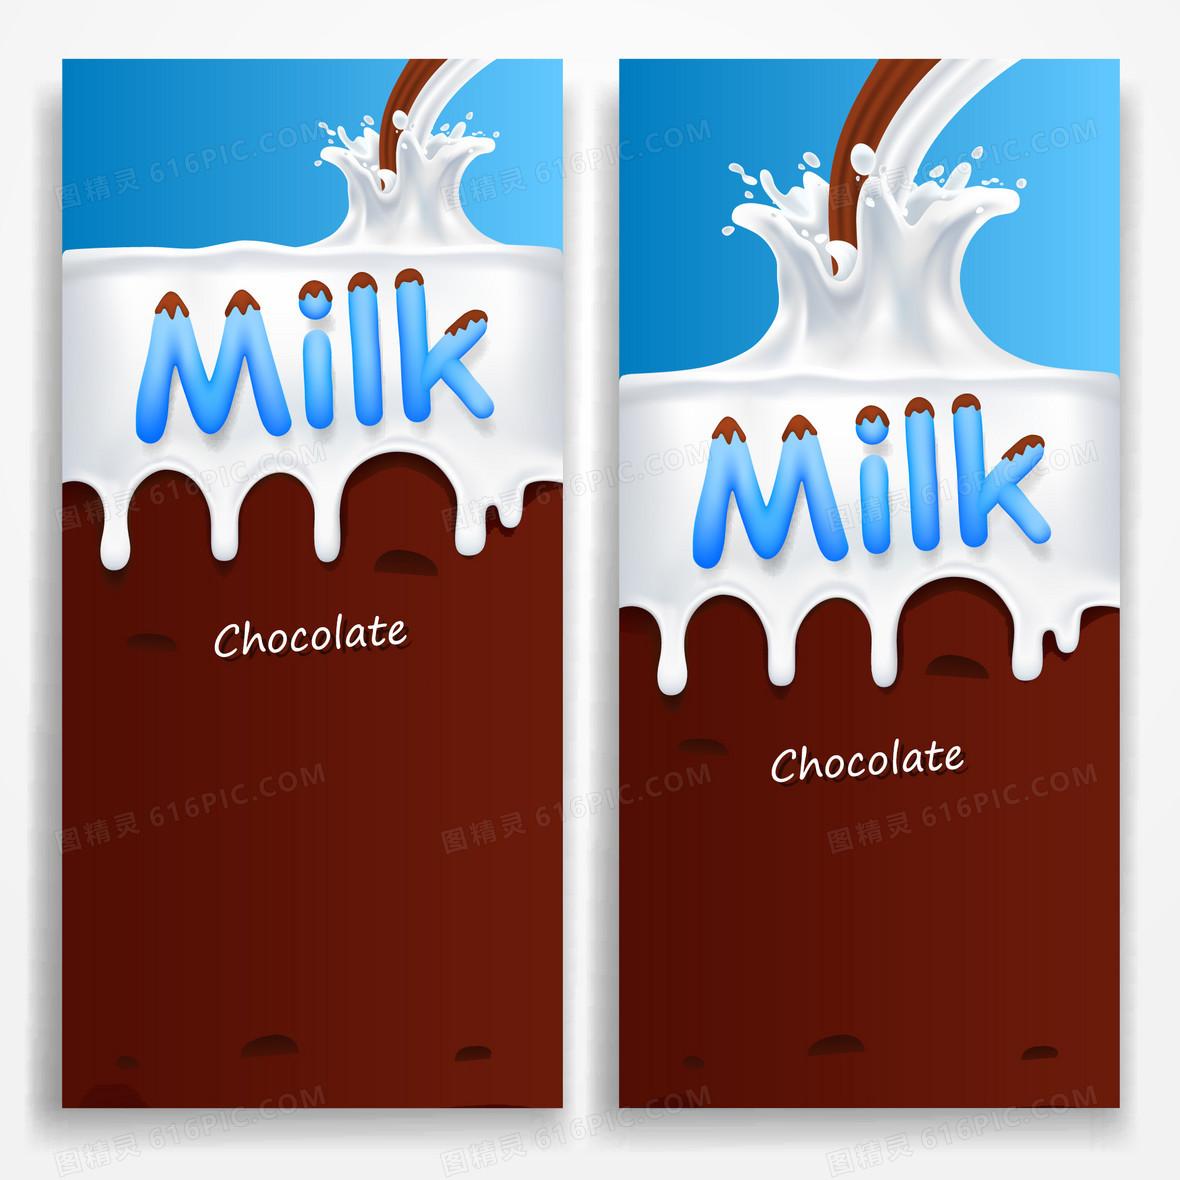 牛奶巧克力包装背景素材